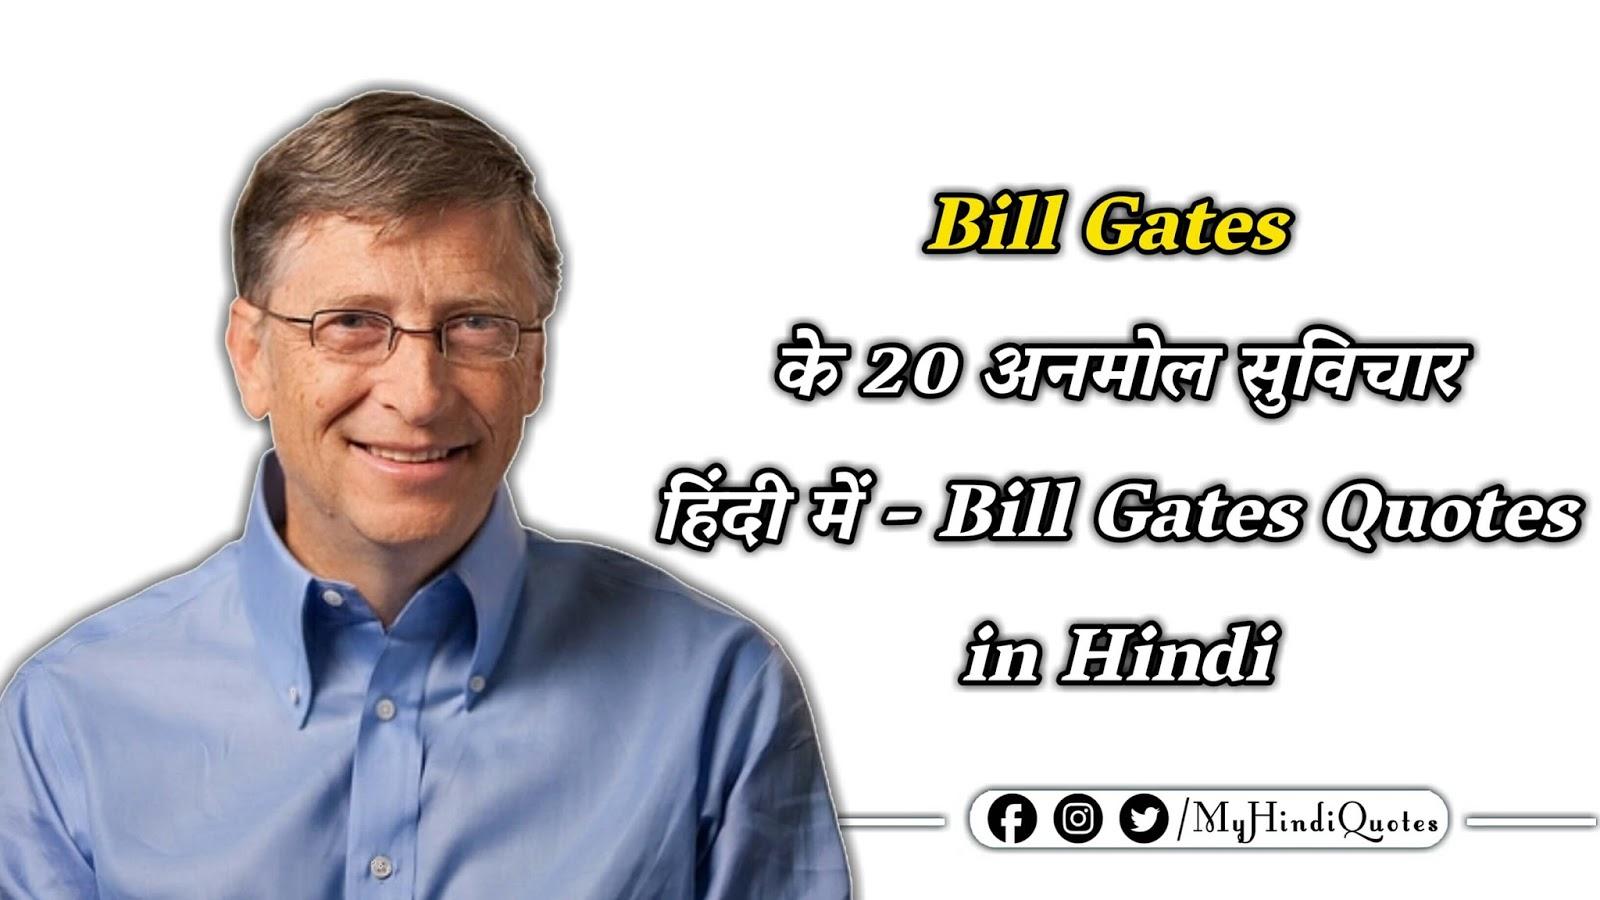 Bill Gates के 20 अनमोल सुविचार हिंदी में - Bill Gates Quotes in Hindi